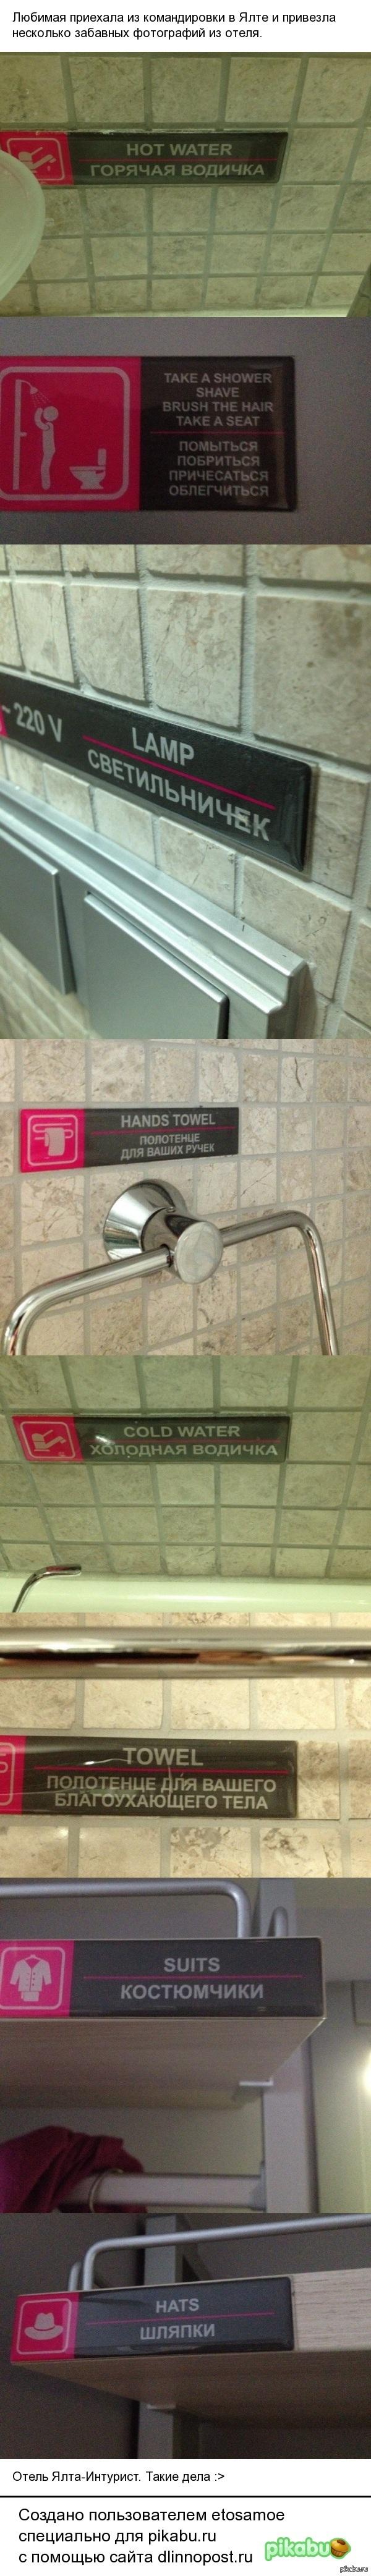 Надписи в миленькой гостиничке на бережочке Ялтушки Такие таблички с указаниями оказались в гостинице Ялта-Интурист :>